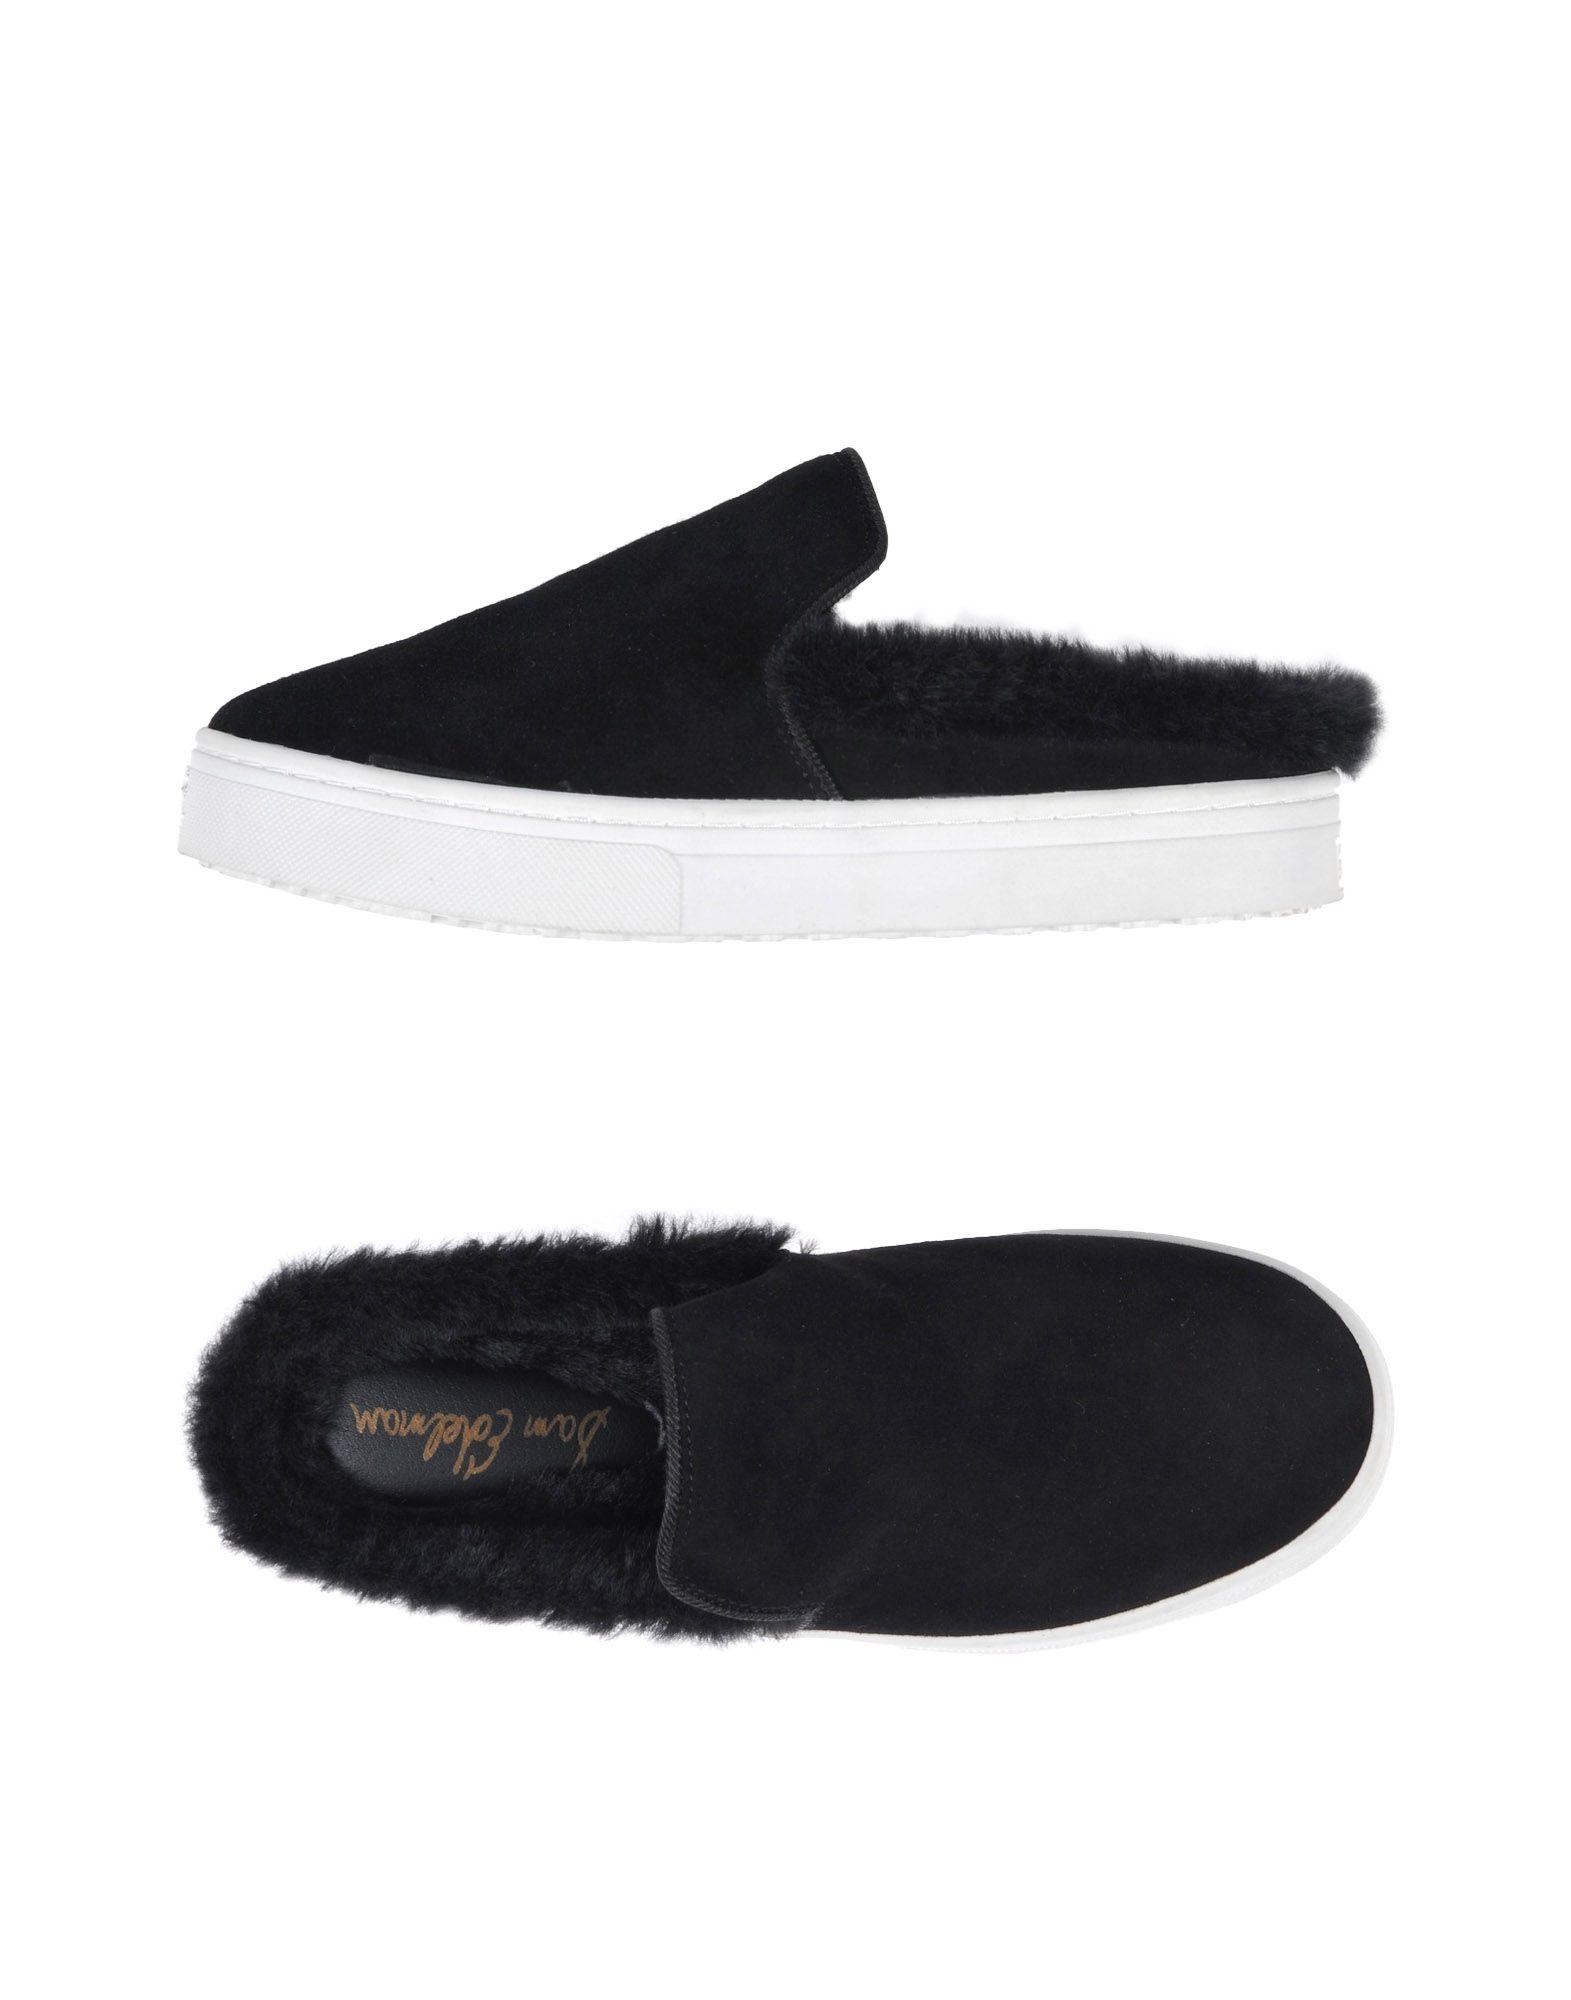 Sam Edelman Pantoletten Damen beliebte  11470969XE Gute Qualität beliebte Damen Schuhe 8895c7